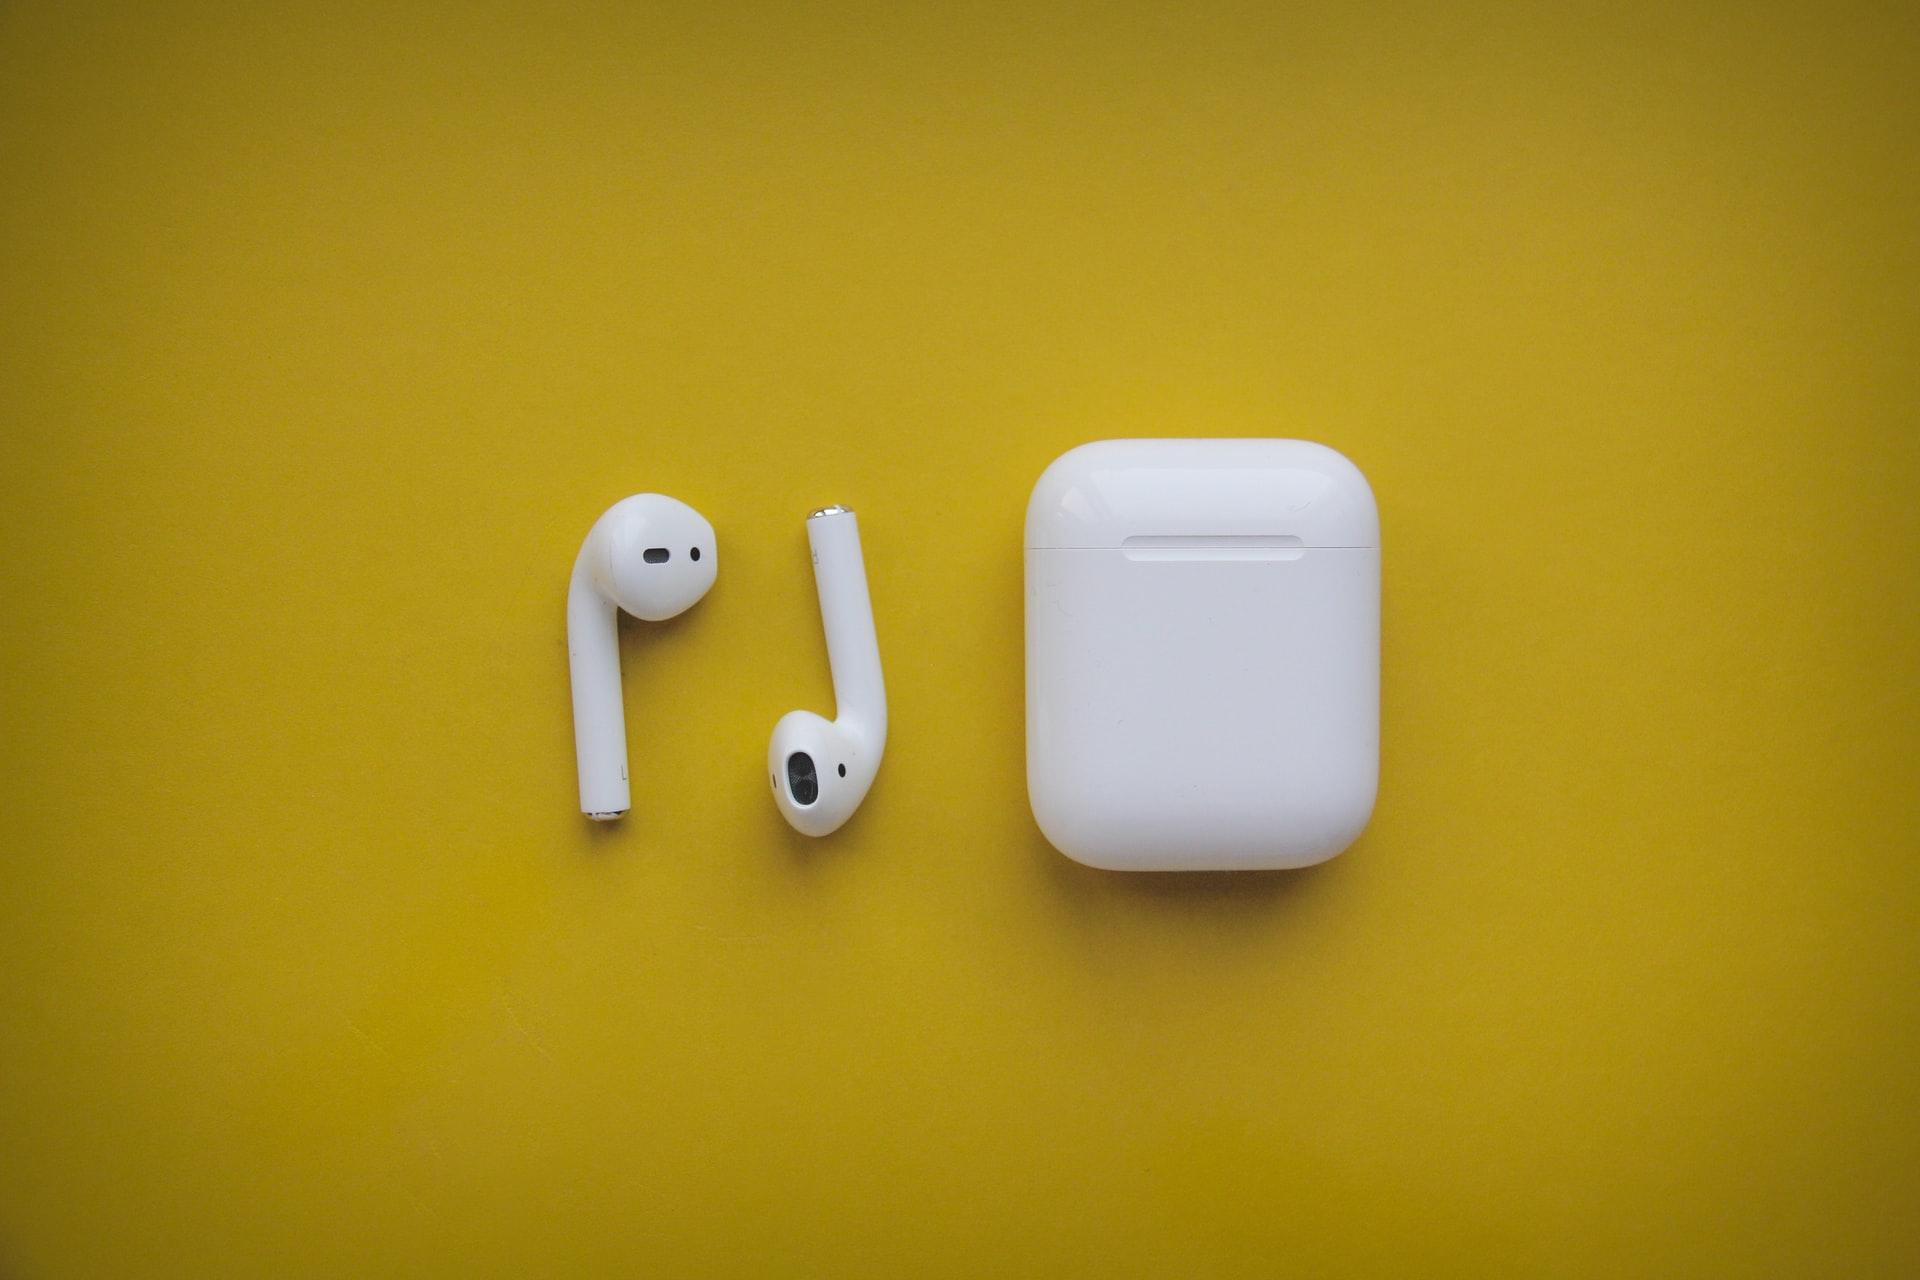 На Apple Airpods пришлось 40% продаж беспроводных наушников в России